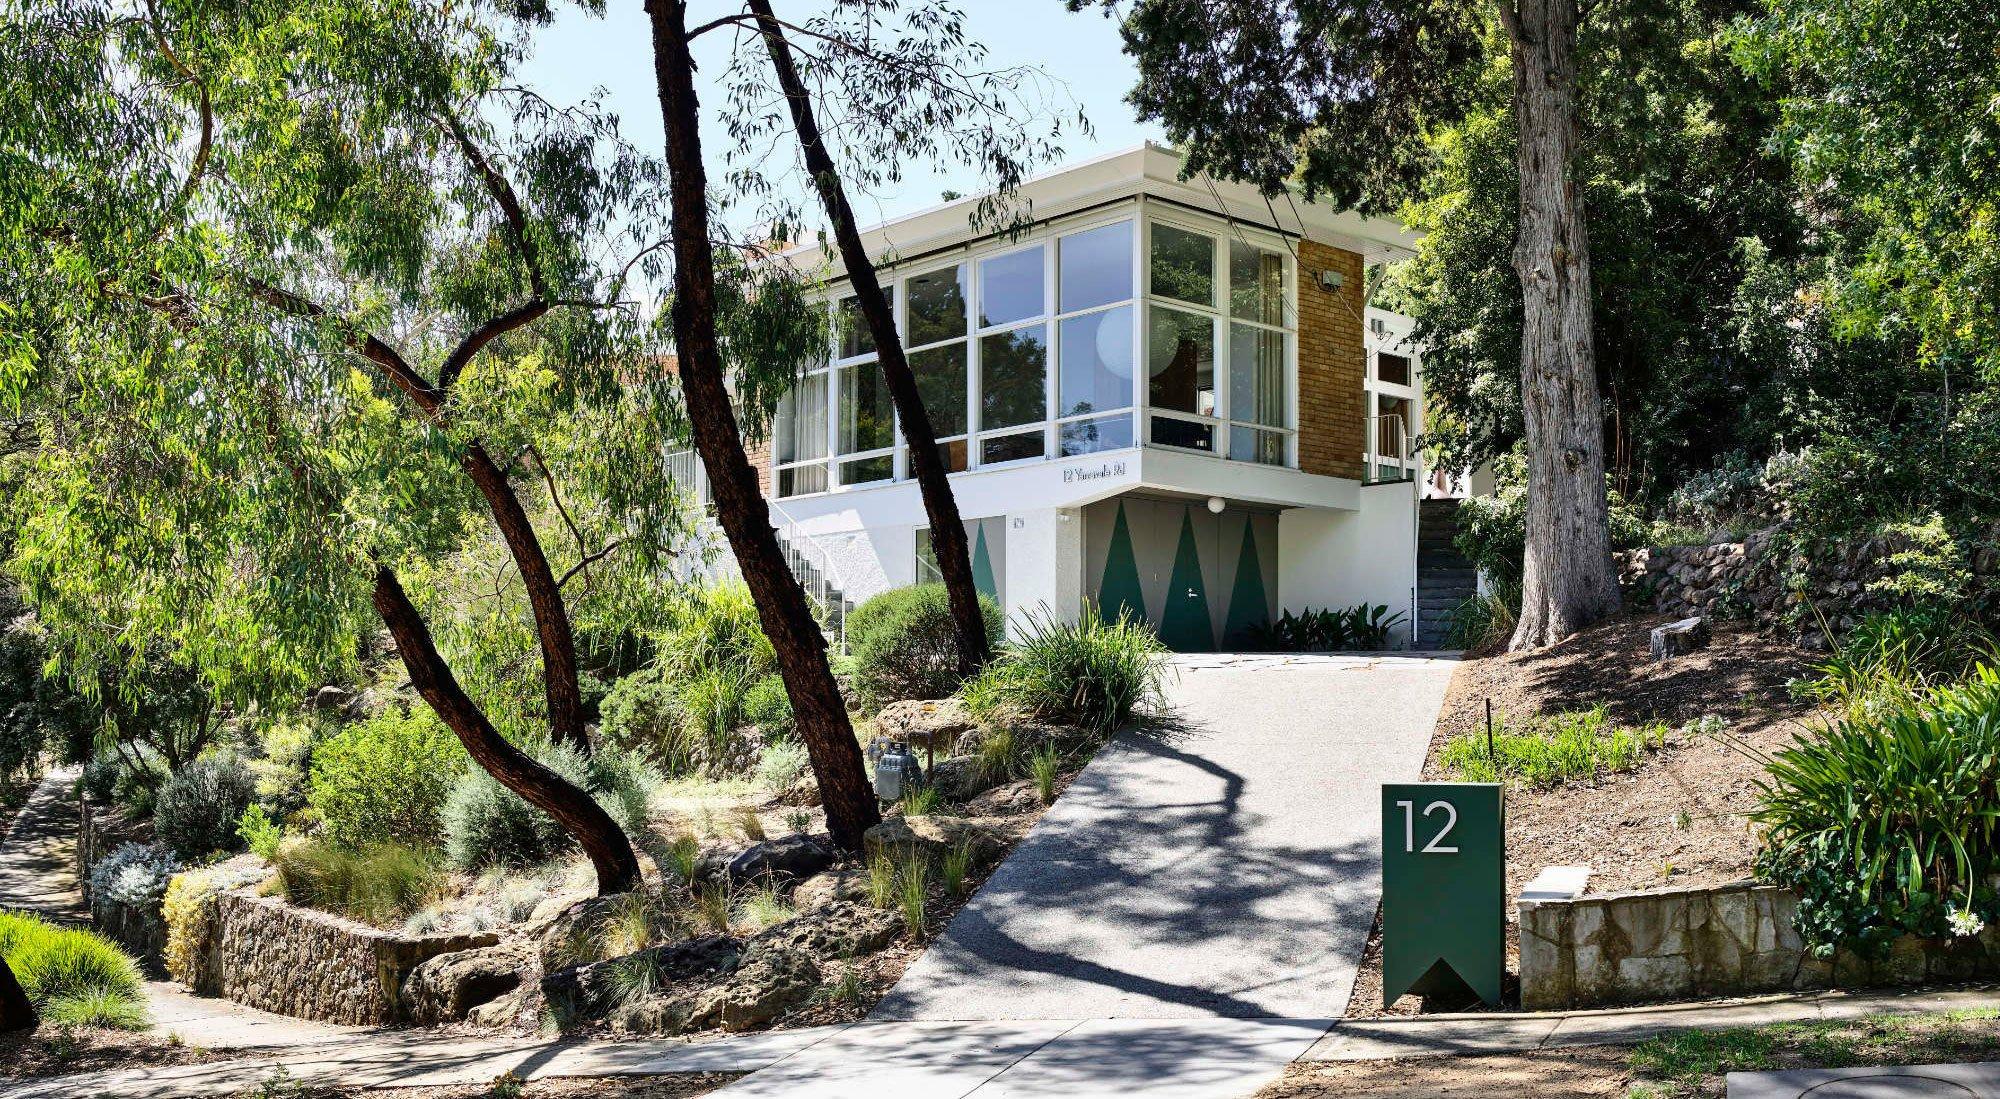 Mit geschickten Erweiterungen, Holzeinbauten und viel Grün im Innenraum hat das Büro Kennedy Nolan das modernistische Kagan House in Melbourne mit der Natur verbunden. Foto: Derek Swalwell